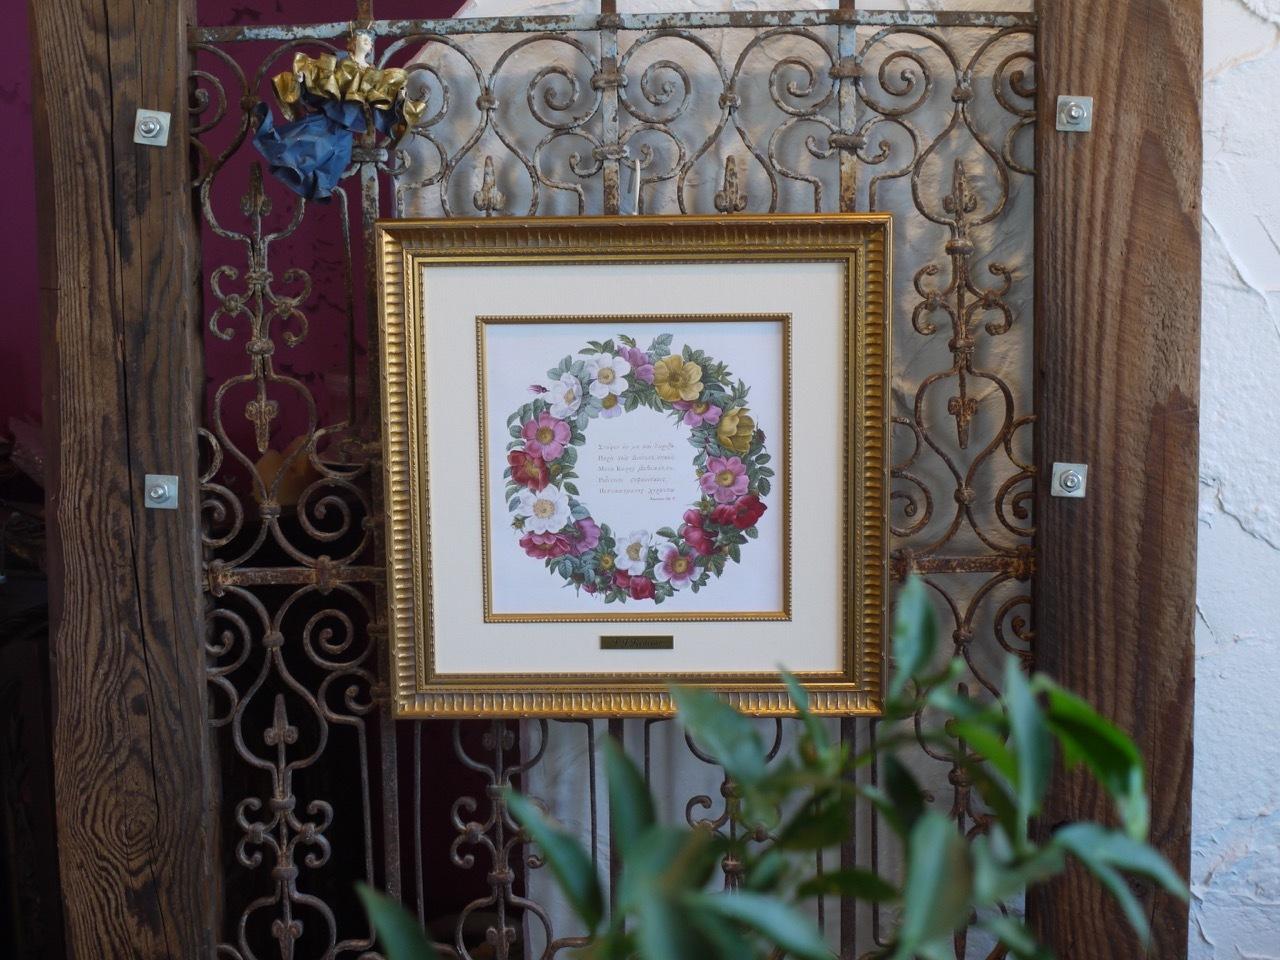 アンティーク・アイアンにルドゥーテの《バラのリース》を掛けてみました!_e0356356_20020877.jpg